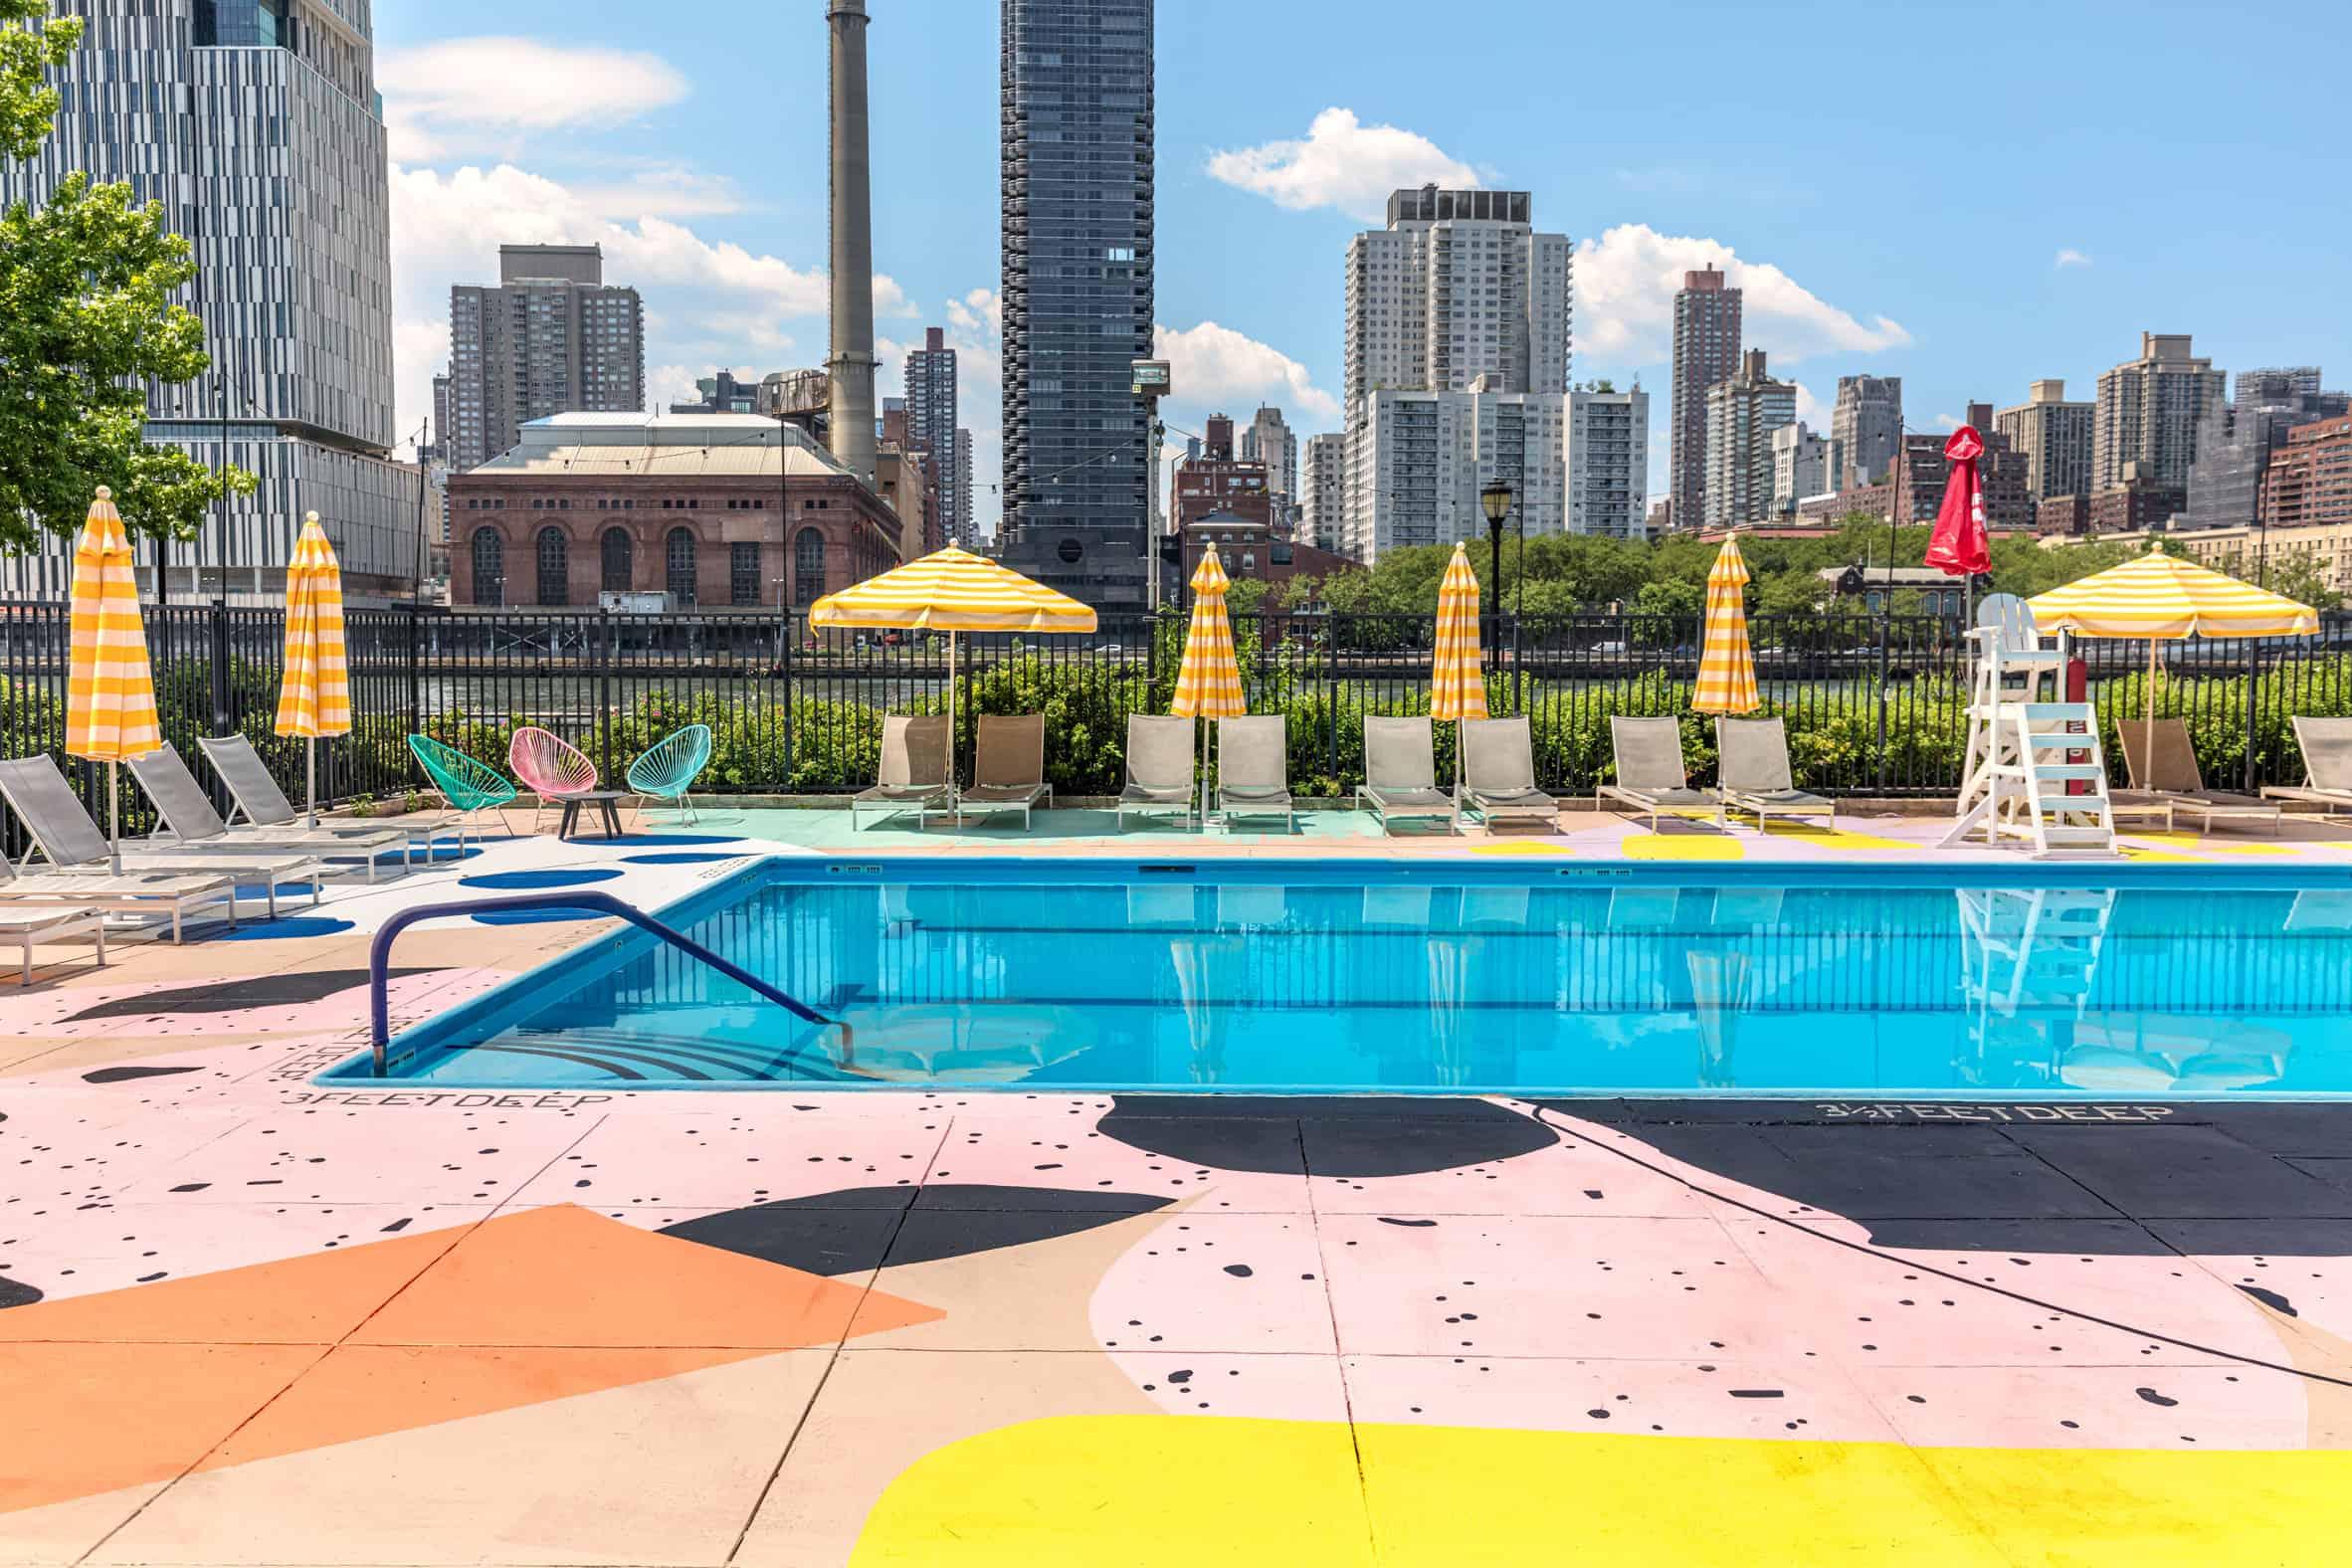 Kleurrijk zwembad van Alex Proba